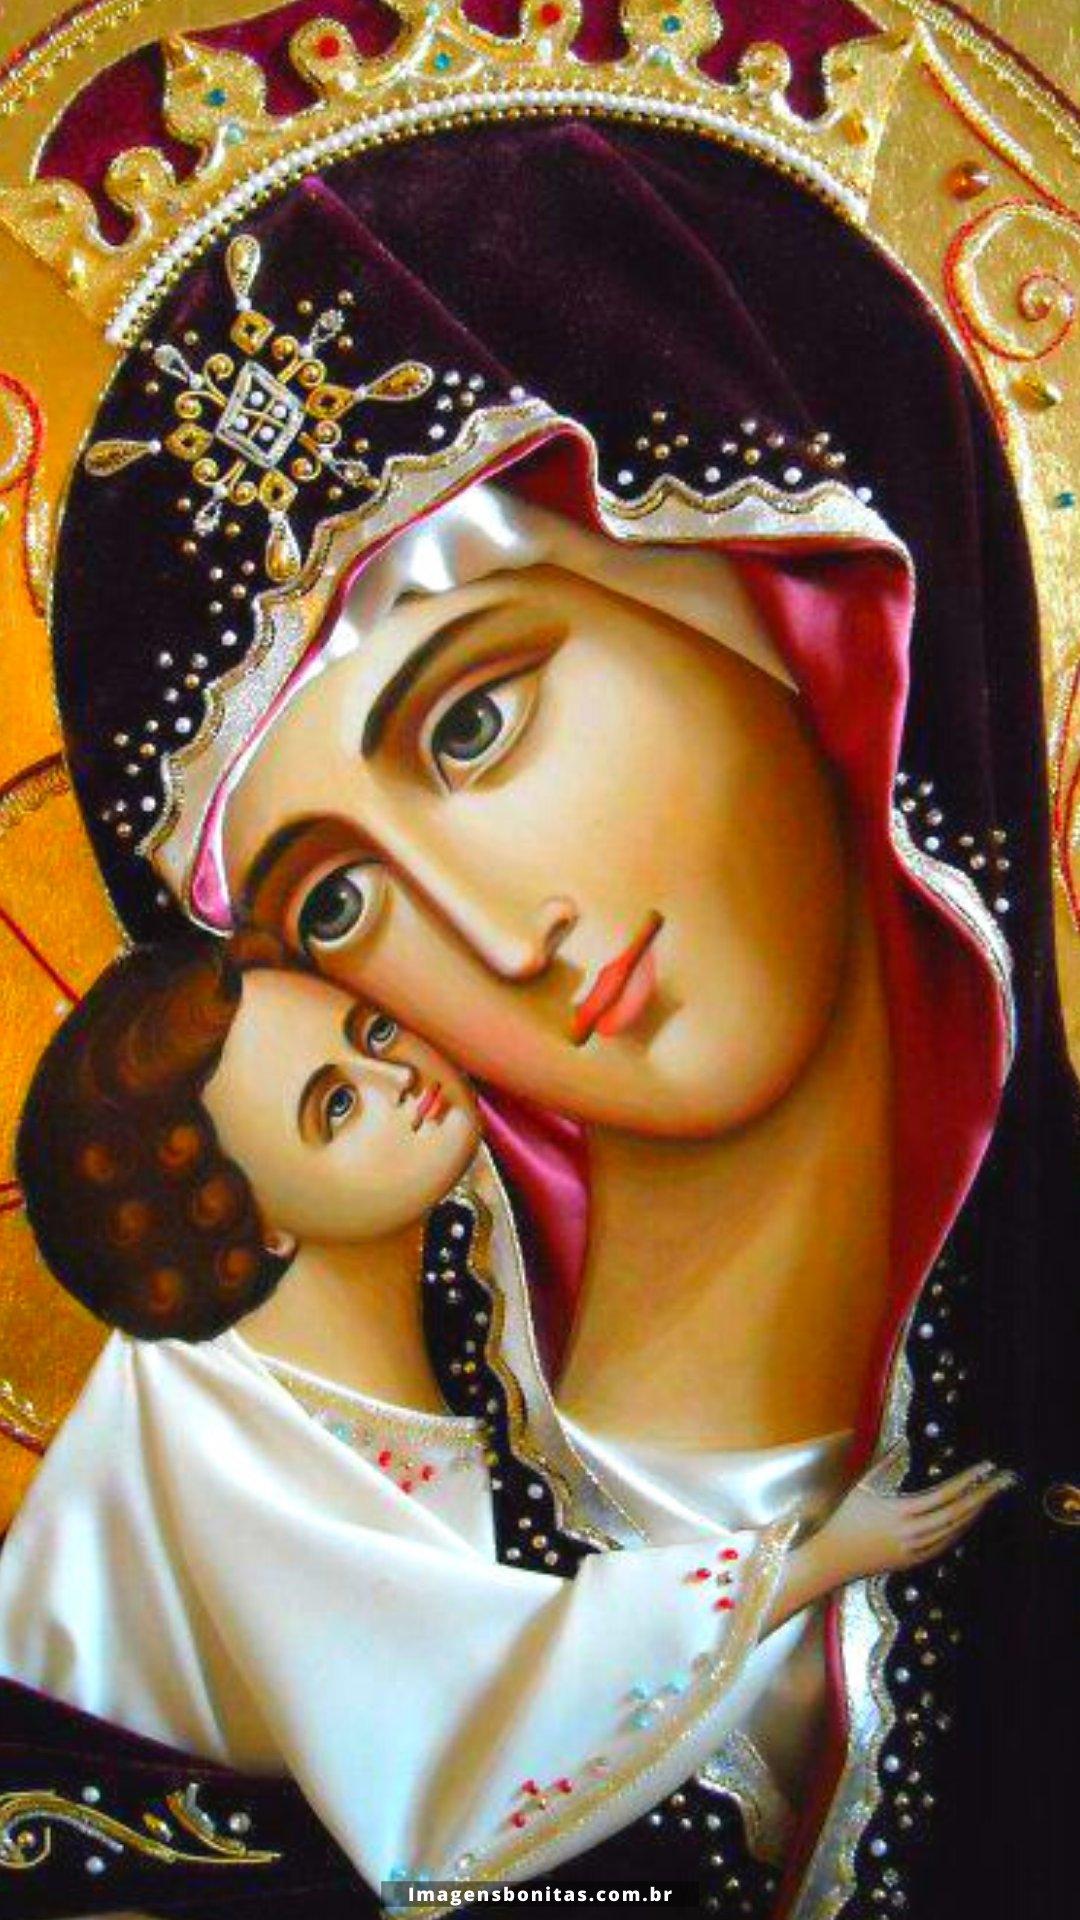 Wallpaper da Virgem Maria com o Menino Jesus para celular